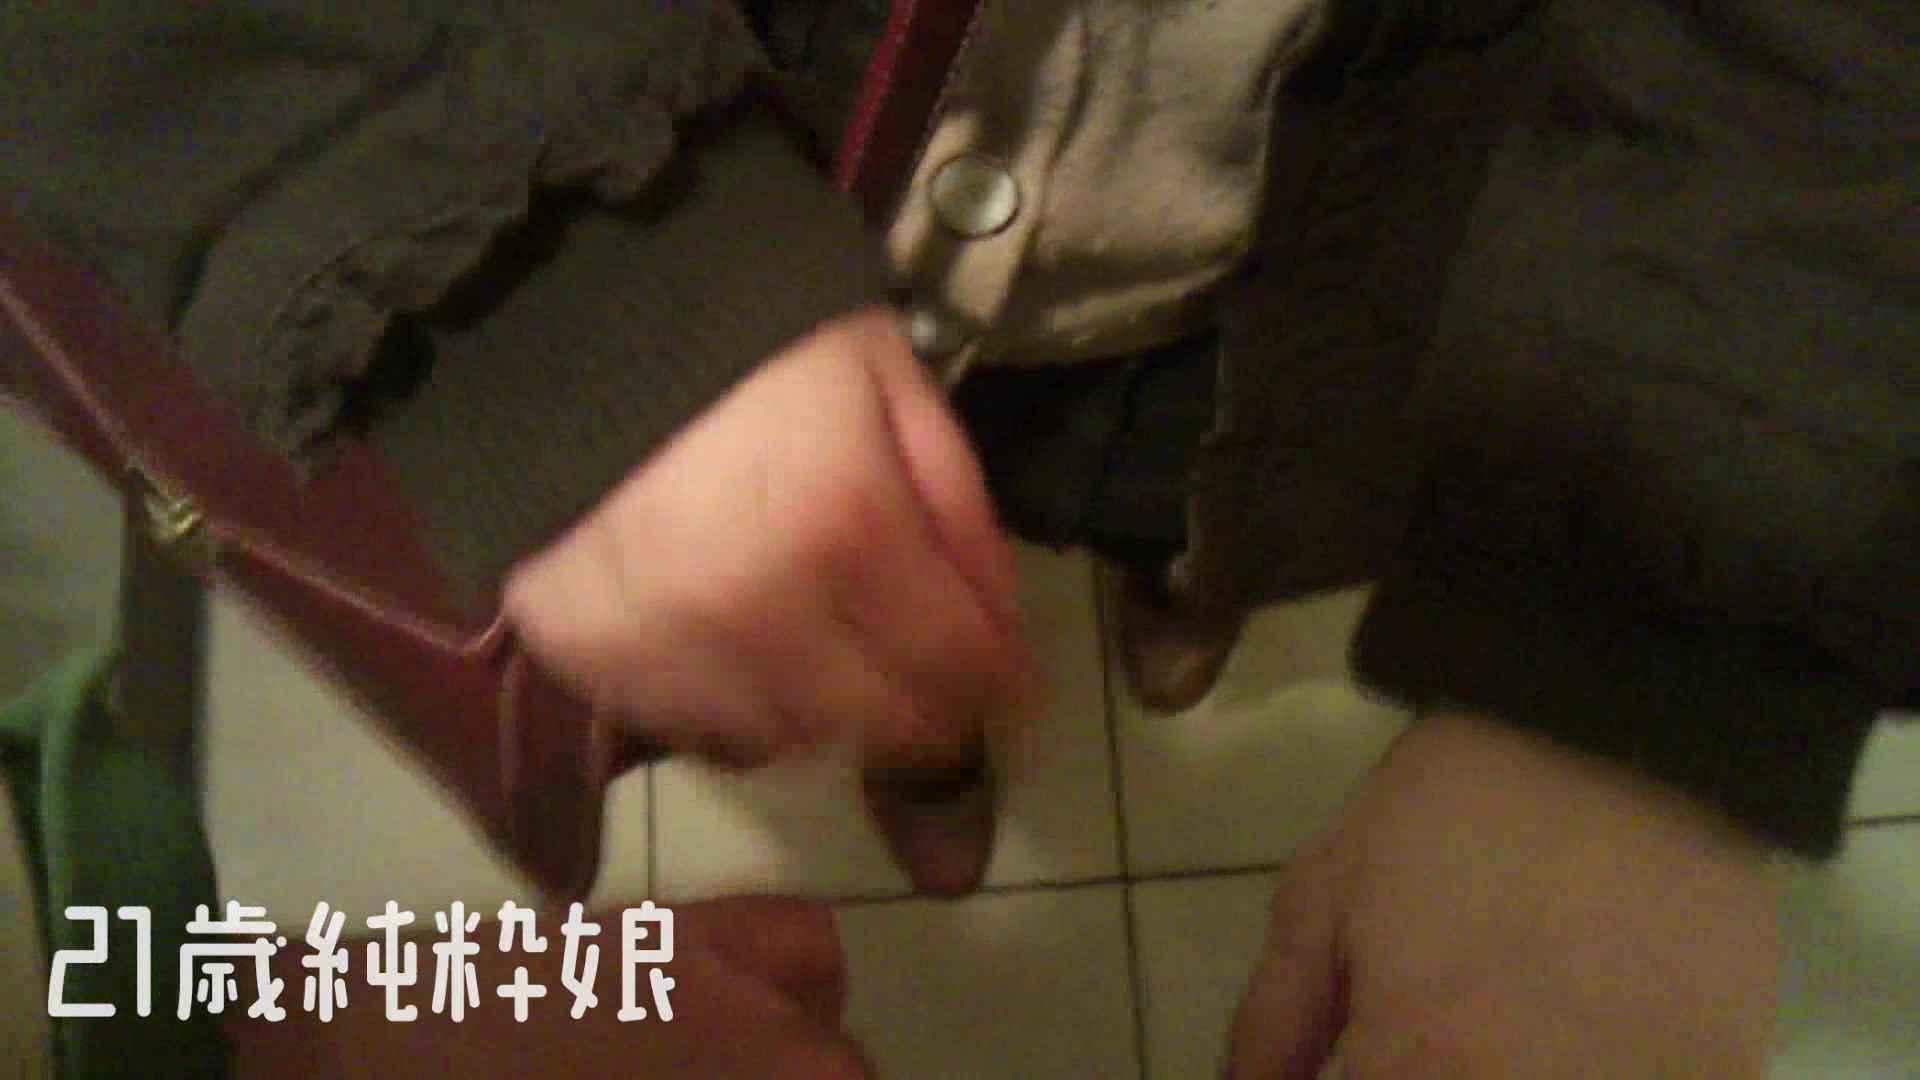 Gカップ21歳純粋嬢第2弾Vol.5 一般投稿  99連発 28